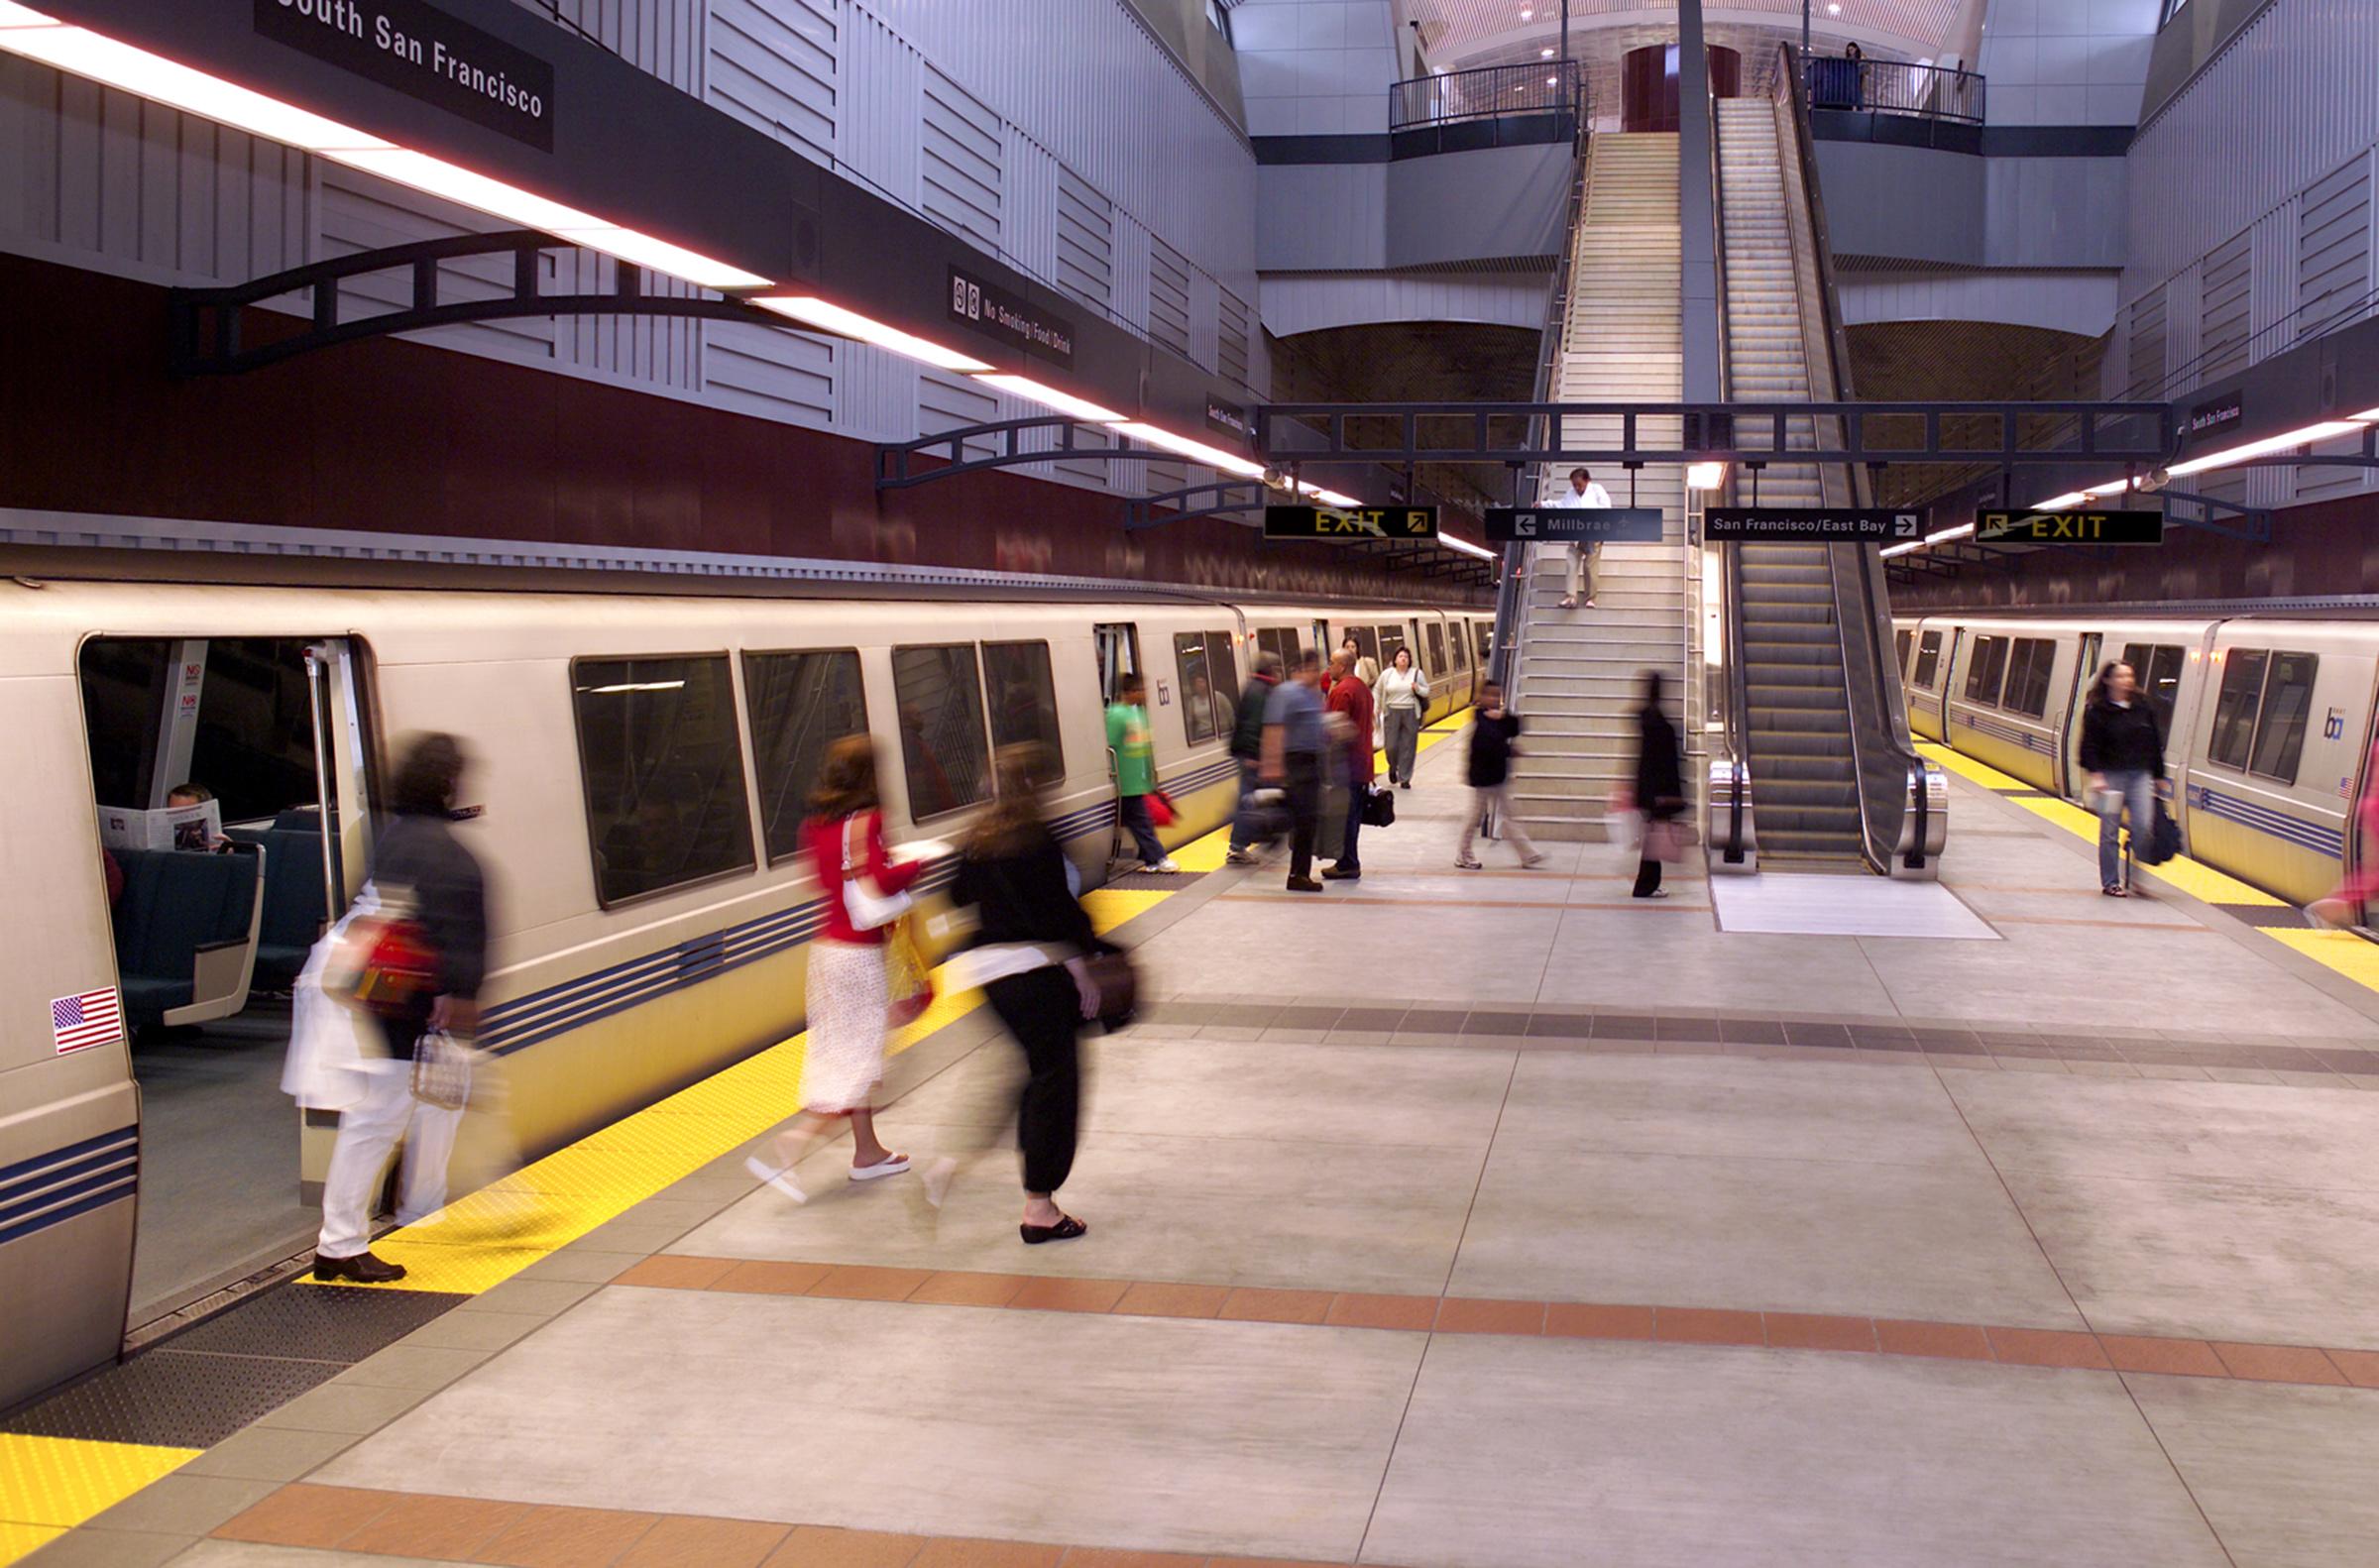 bart gov | Bay Area Rapid Transit